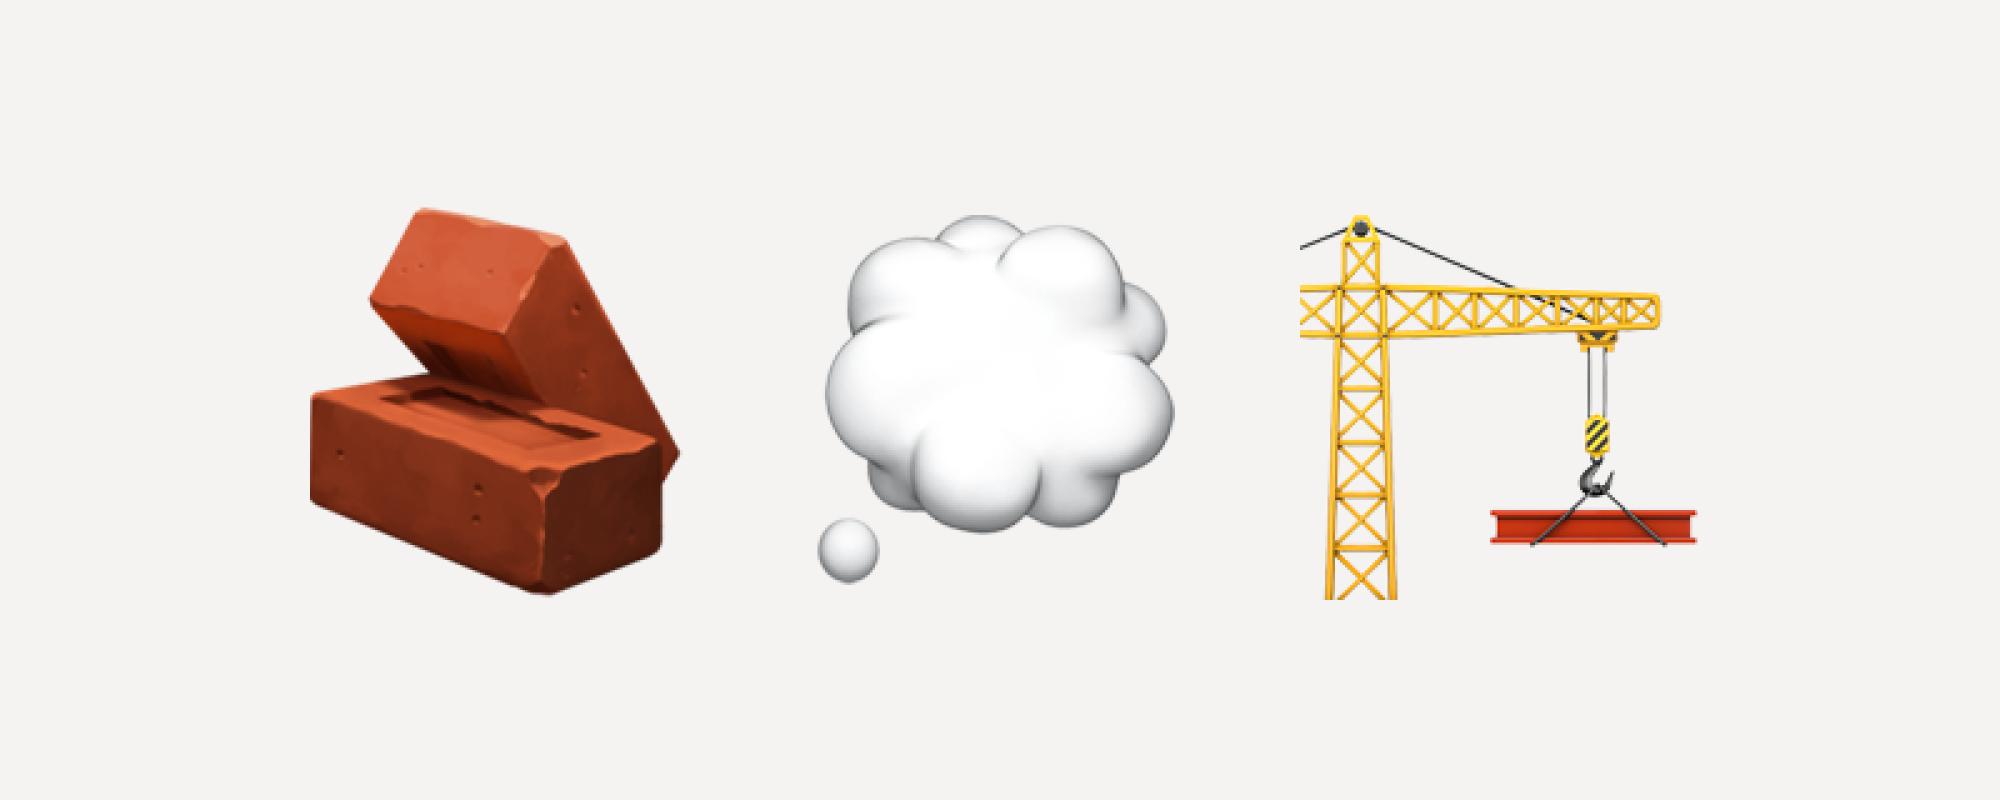 image of 3 emojis depicting blog